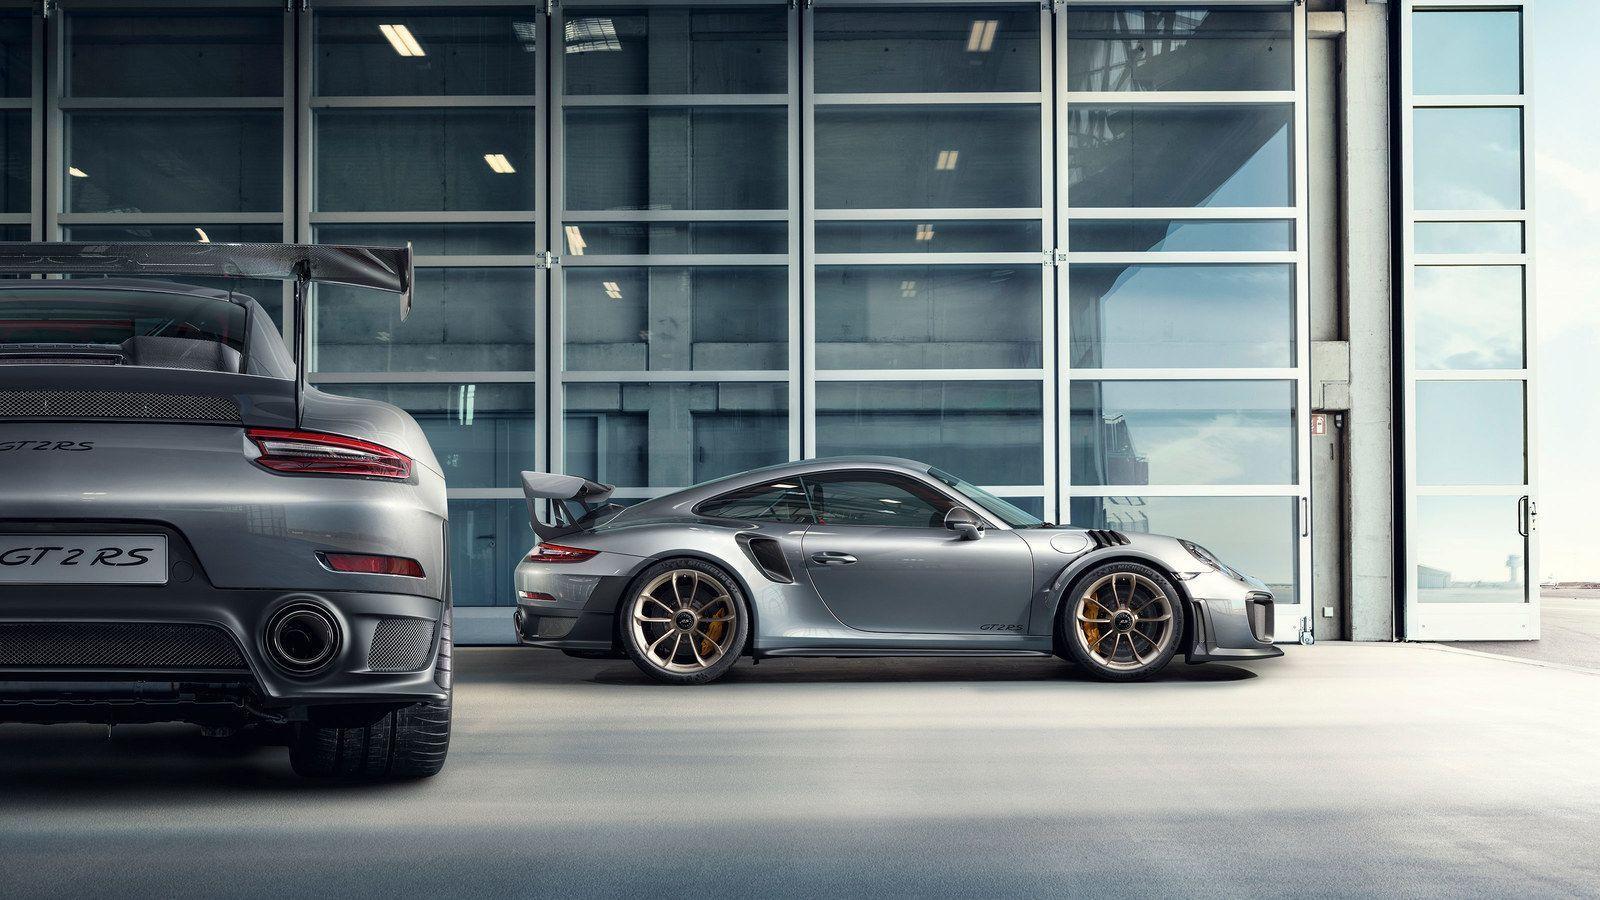 Porsche Gt2 Rs Wallpapers Top Free Porsche Gt2 Rs Backgrounds Wallpaperaccess